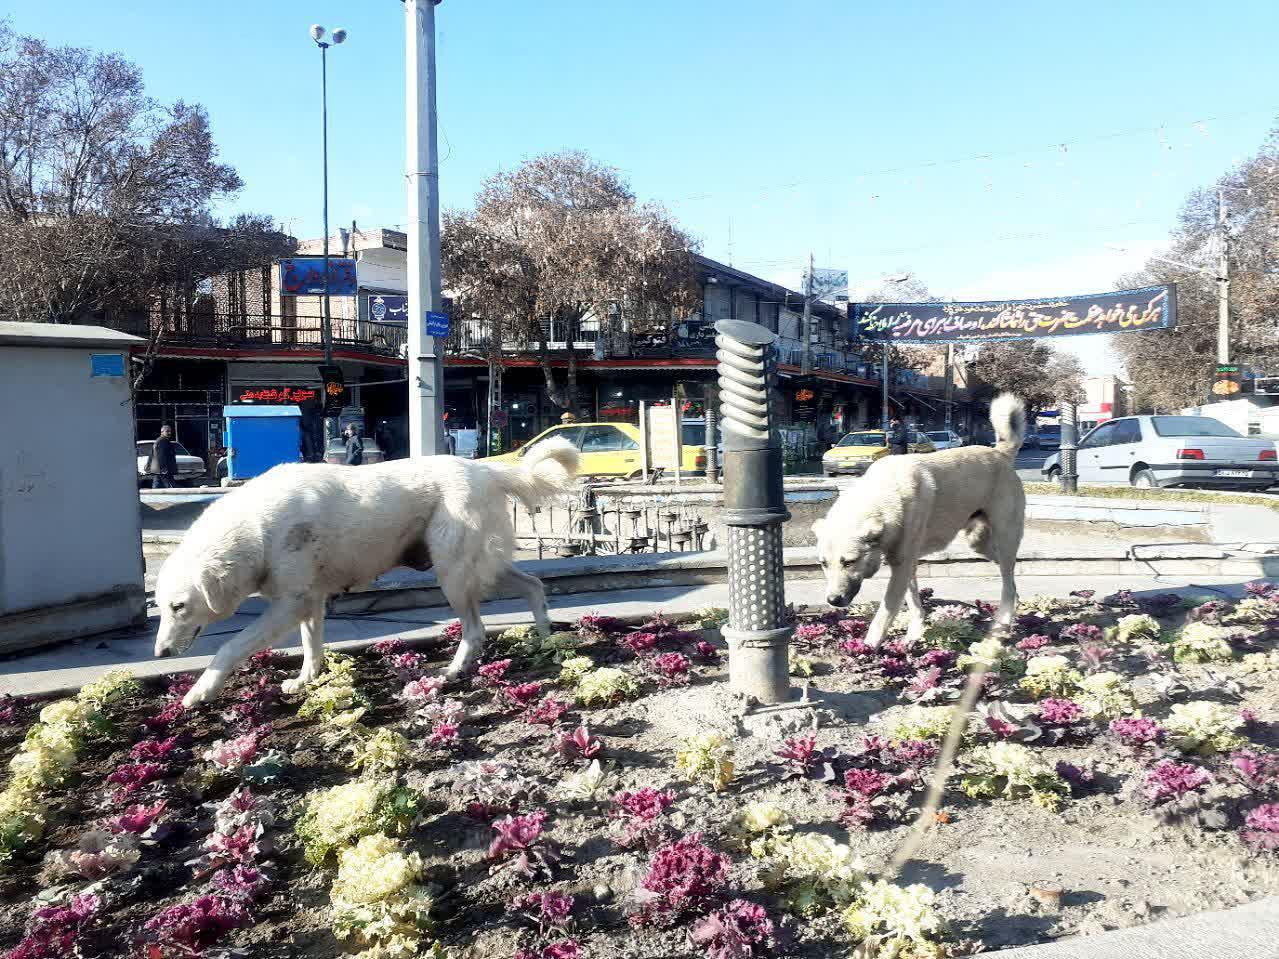 ضرورت ساماندهی سگ های خیابانی در بناب بیش از گذشته احساس می شود / مردم از شهرداری به عنوان متولی اصلی این کار انتظار دادند